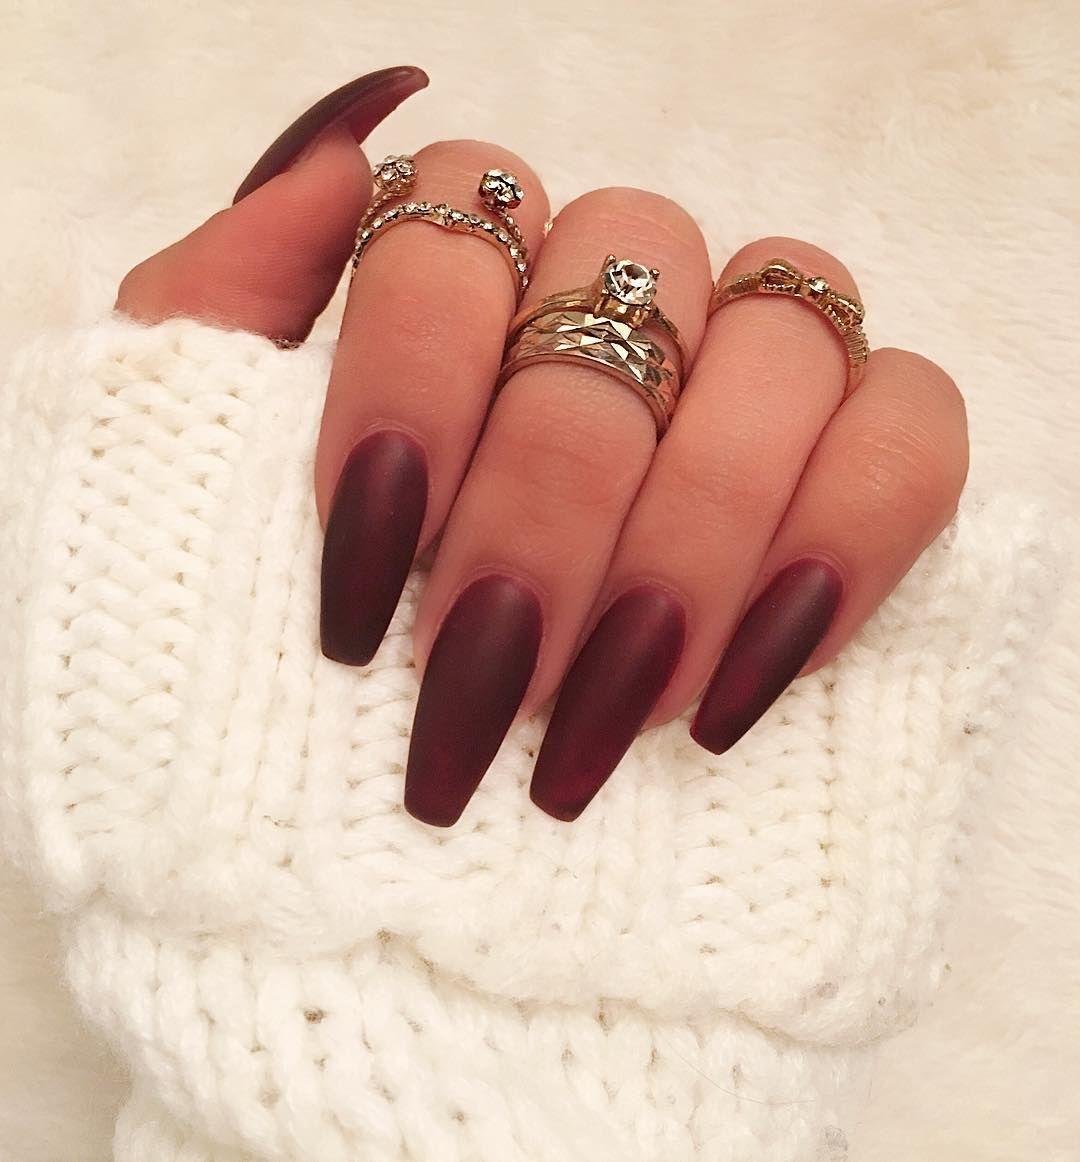 Holiday Nails Nails Burgundy Matte Ballerina Rings Gold